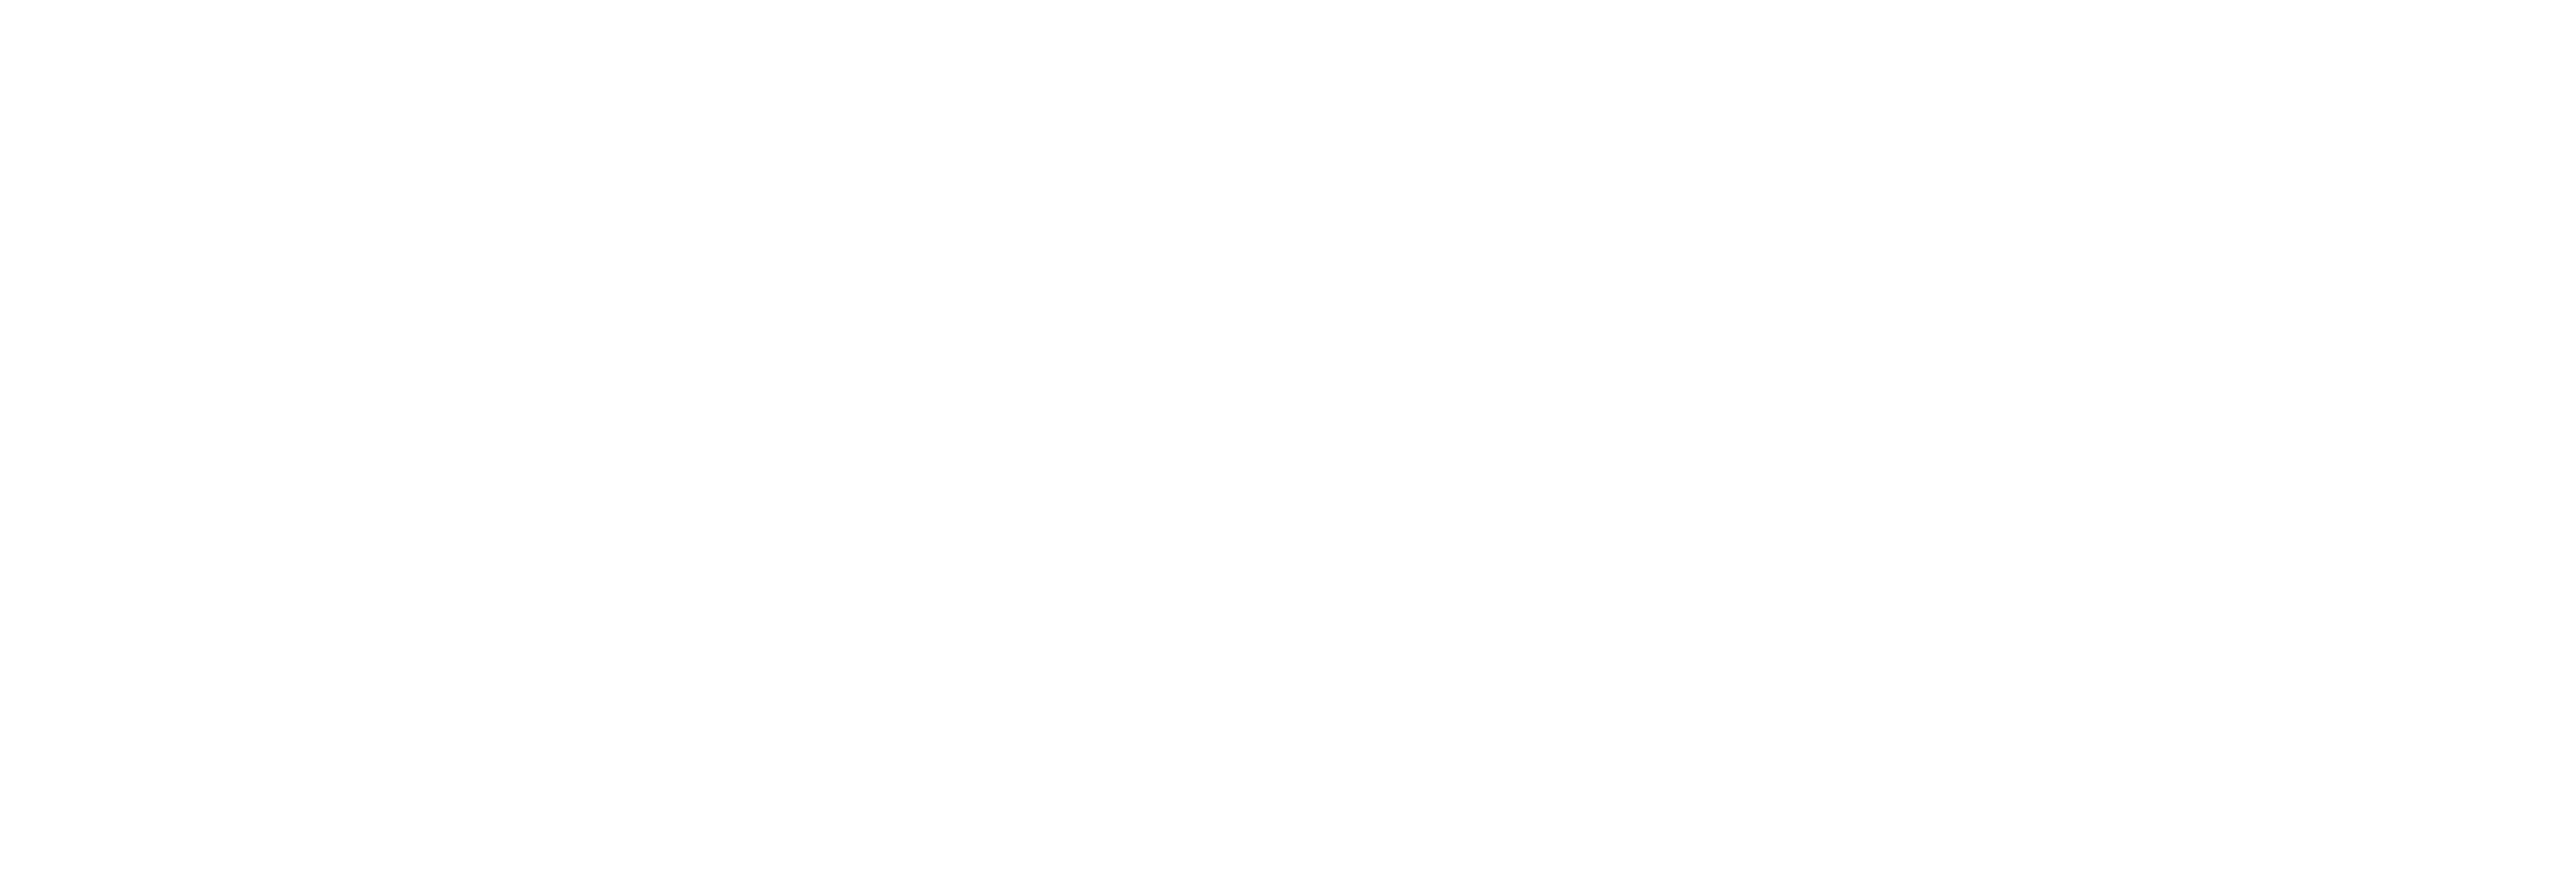 originaltechfrance